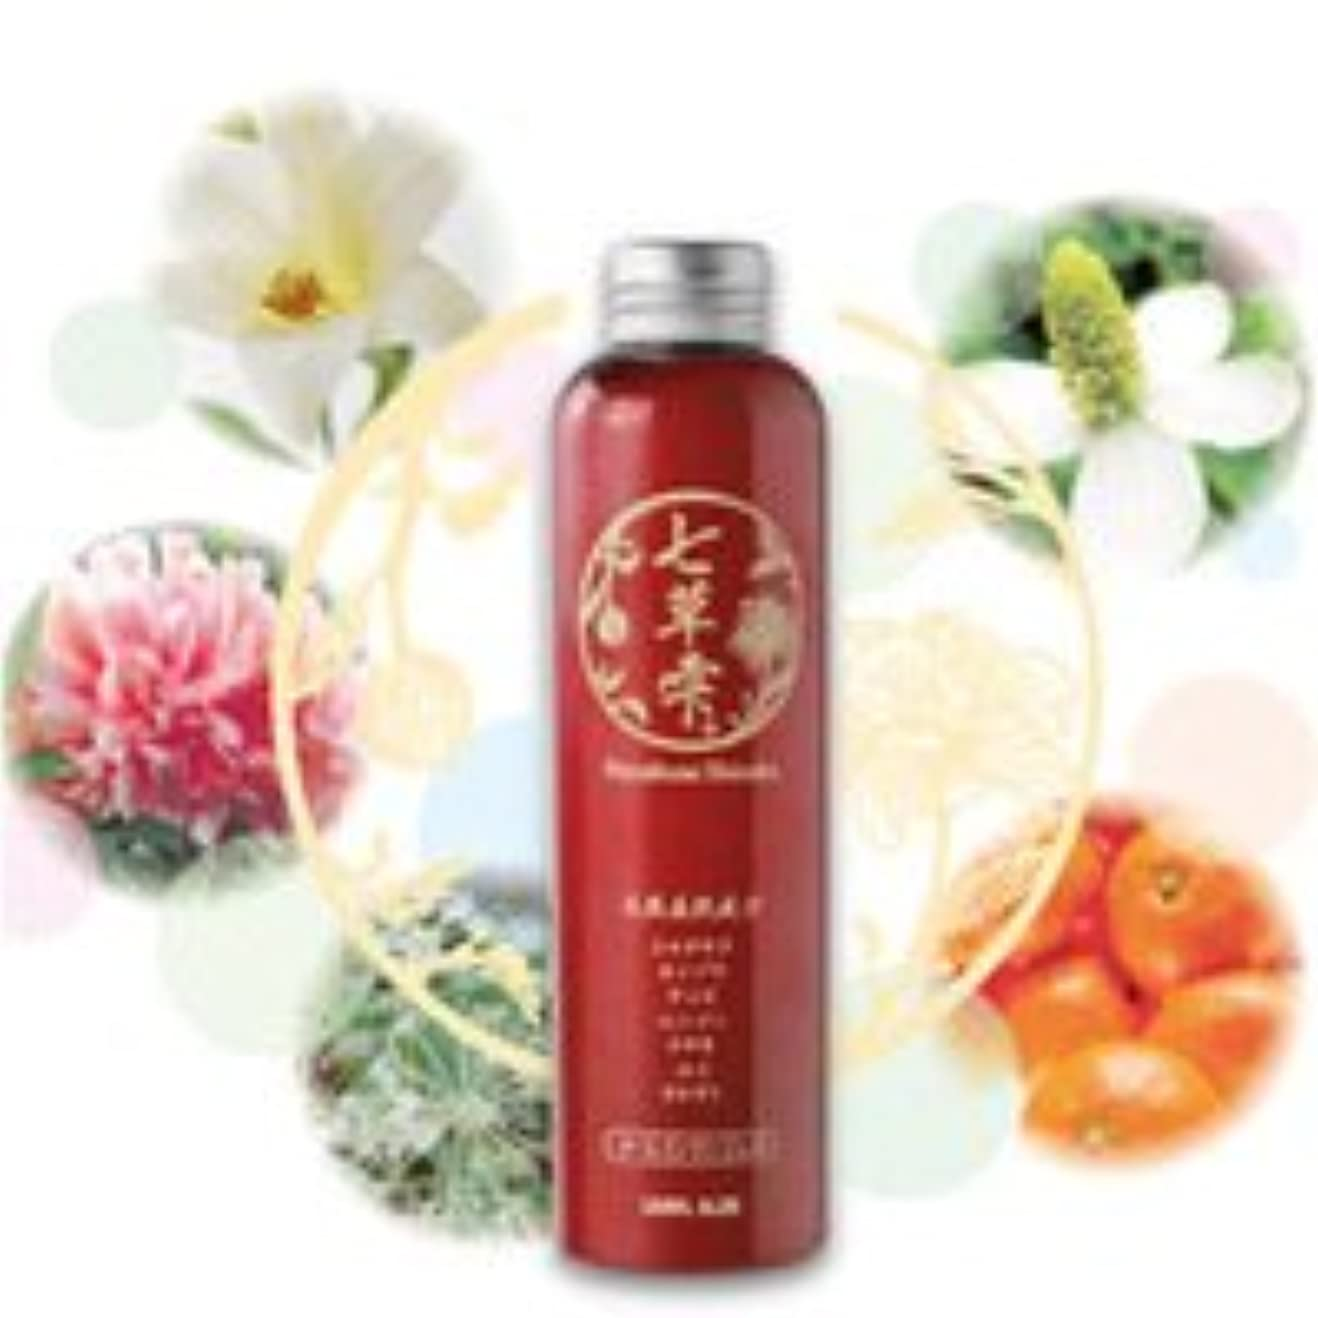 証書バラエティパット七草雫 化粧水 さっぱりタイプ 200ml / フタバ化学 リーブルアロエ